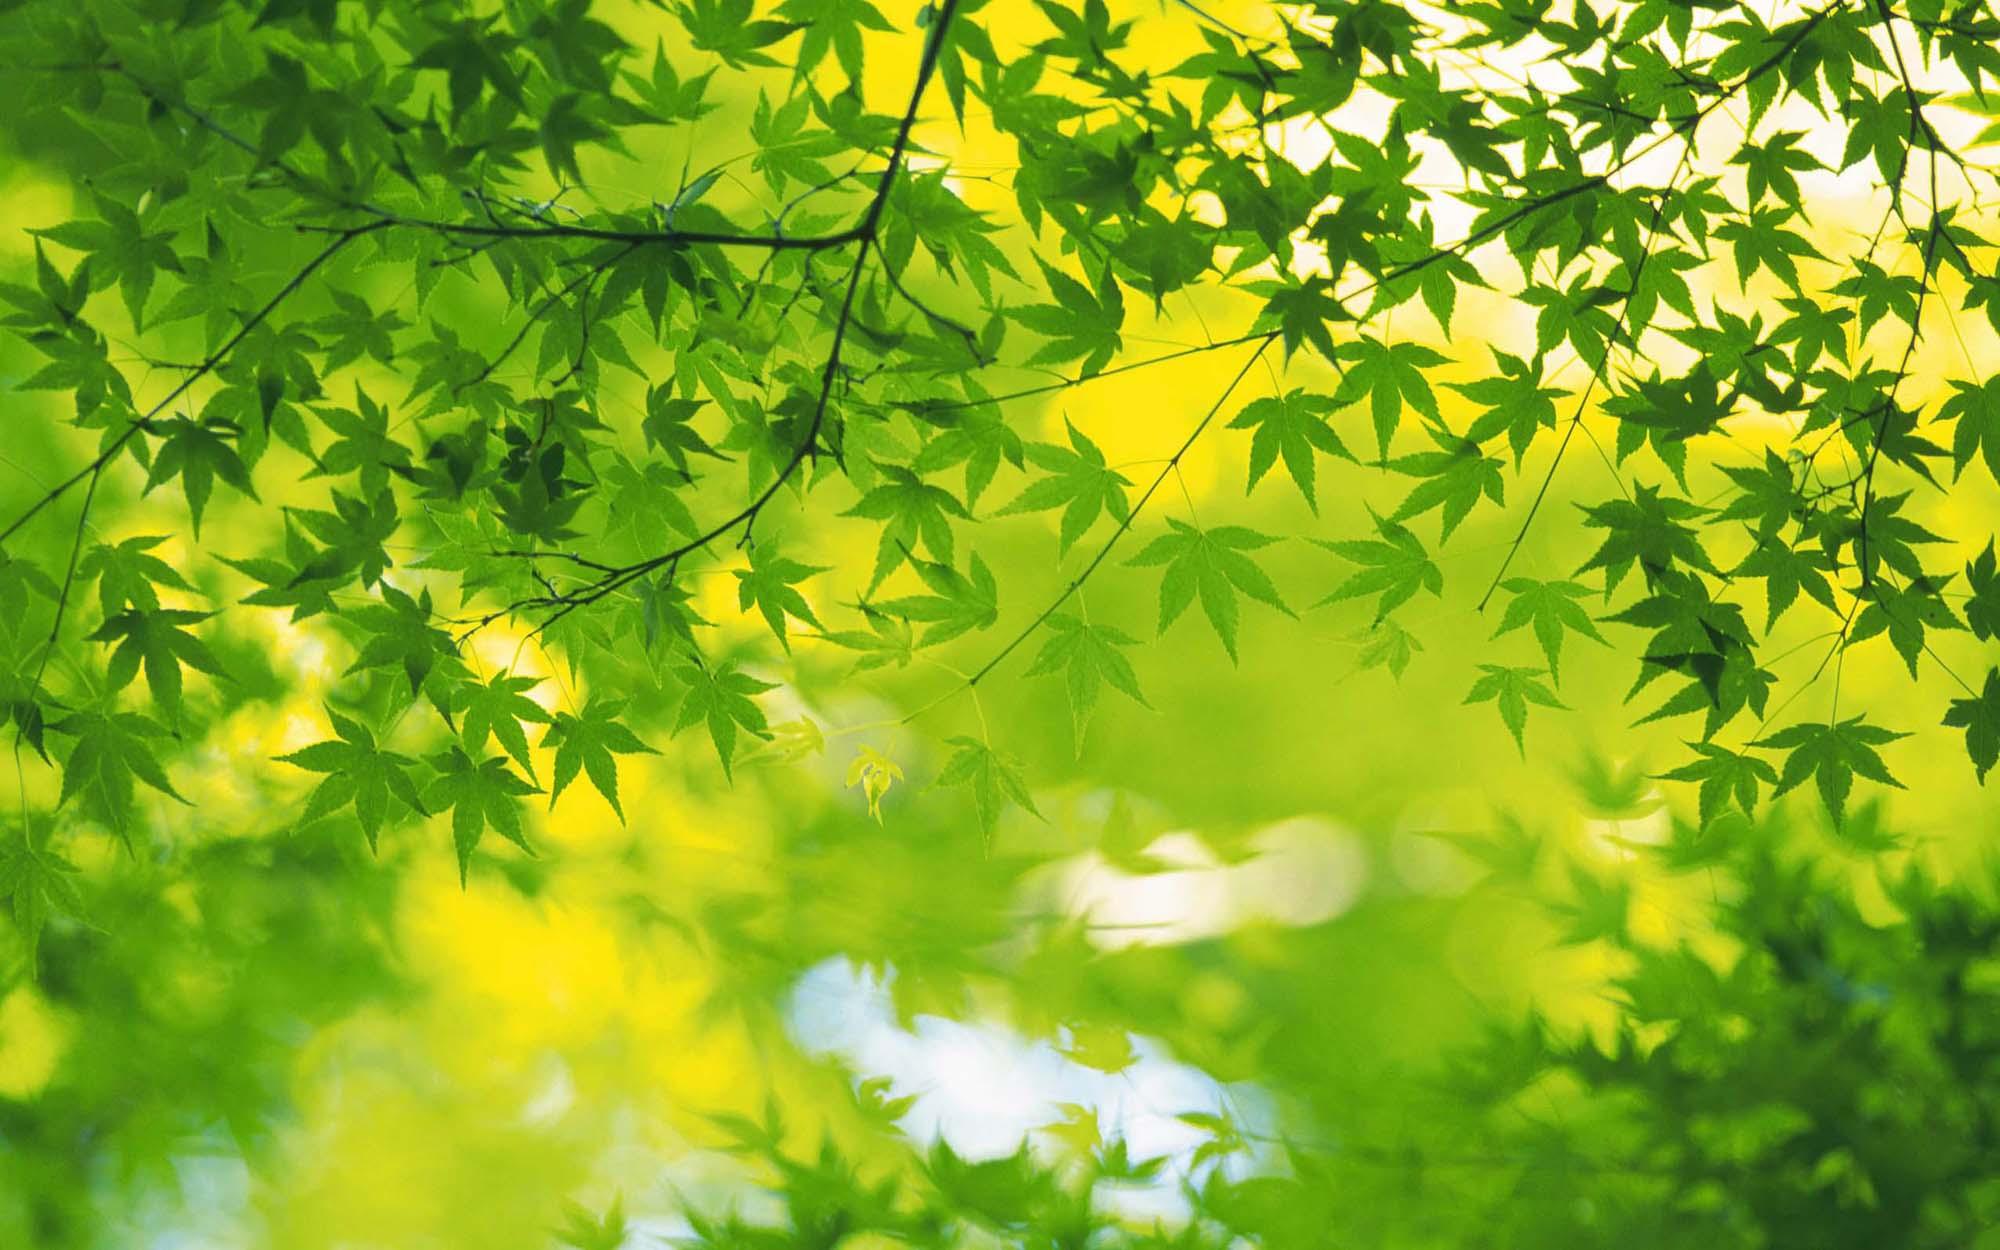 Volim zeleno - Page 33 Zeleno